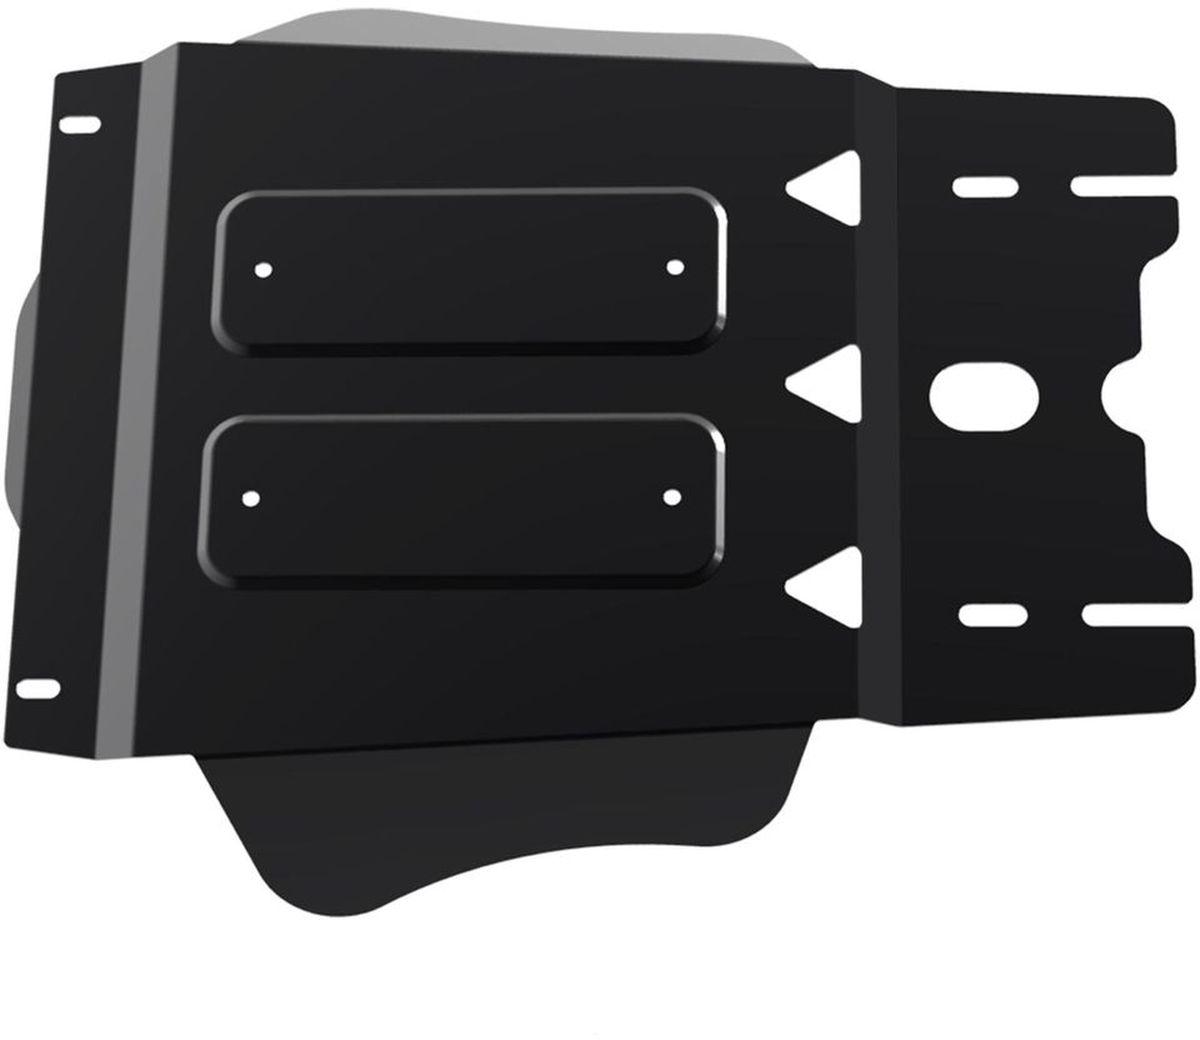 Защита КПП Автоброня, для Toyota LC100, V-4,2D; 4,7i,/ Lexus LX 470, V-4,7i (1998-2007)111.05753.1Технологически совершенный продукт за невысокую стоимость. Защита разработана с учетом особенностей днища автомобиля, что позволяет сохранить дорожный просвет с минимальным изменением. Защита устанавливается в штатные места кузова автомобиля. Глубокий штамп обеспечивает до двух раз больше жесткости в сравнении с обычной защитой той же толщины. Проштампованные ребра жесткости препятствуют деформации защиты при ударах. Тепловой зазор и вентиляционные отверстия обеспечивают сохранение температурного режима двигателя в норме. Скрытый крепеж предотвращает срыв крепежных элементов при наезде на препятствие. Шумопоглощающие резиновые элементы обеспечивают комфортную езду без вибраций и скрежета металла, а съемные лючки для слива масла и замены фильтра - экономию средств и время. Конструкция изделия не влияет на пассивную безопасность автомобиля (при ударе защита не воздействует на деформационные зоны кузова). Со штатным крепежом. В комплекте инструкция по установке....